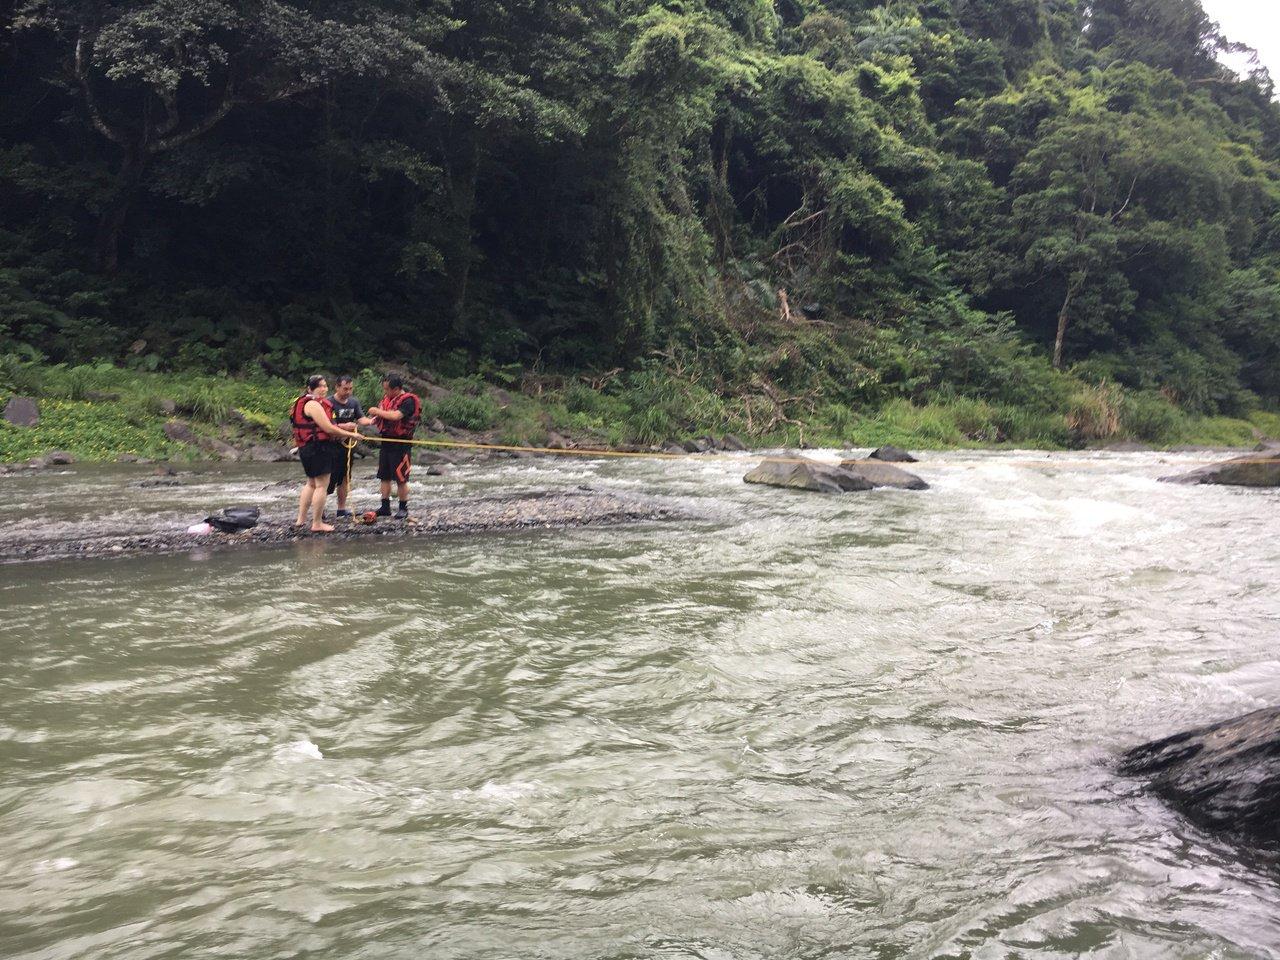 經駐地消防員評估,搜救人員使用活餌救援的方式成功救回宋女。記者柯毓庭/翻攝